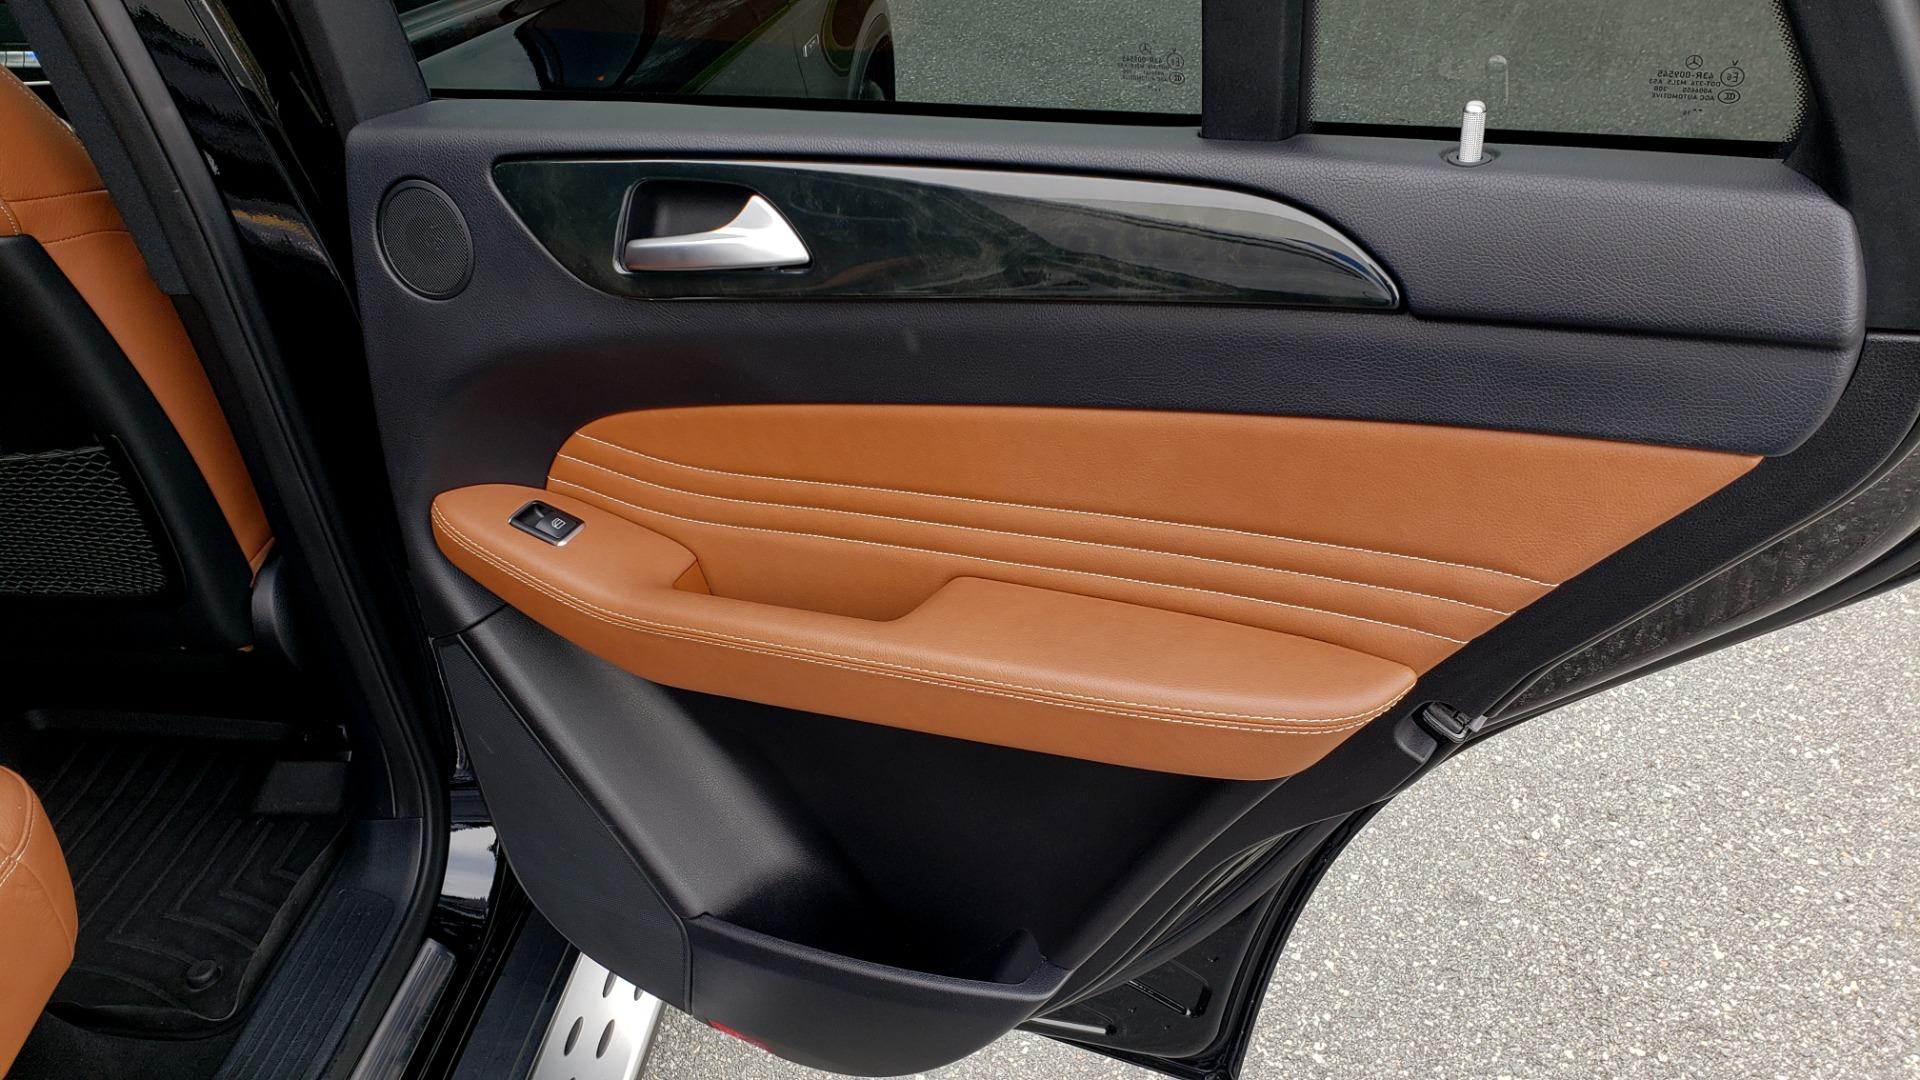 Used 2016 Mercedes-Benz GLE 450 AMG / AWD / PREM PKG / PARK ASST / DRVR ASST / SUNROOF for sale Sold at Formula Imports in Charlotte NC 28227 78